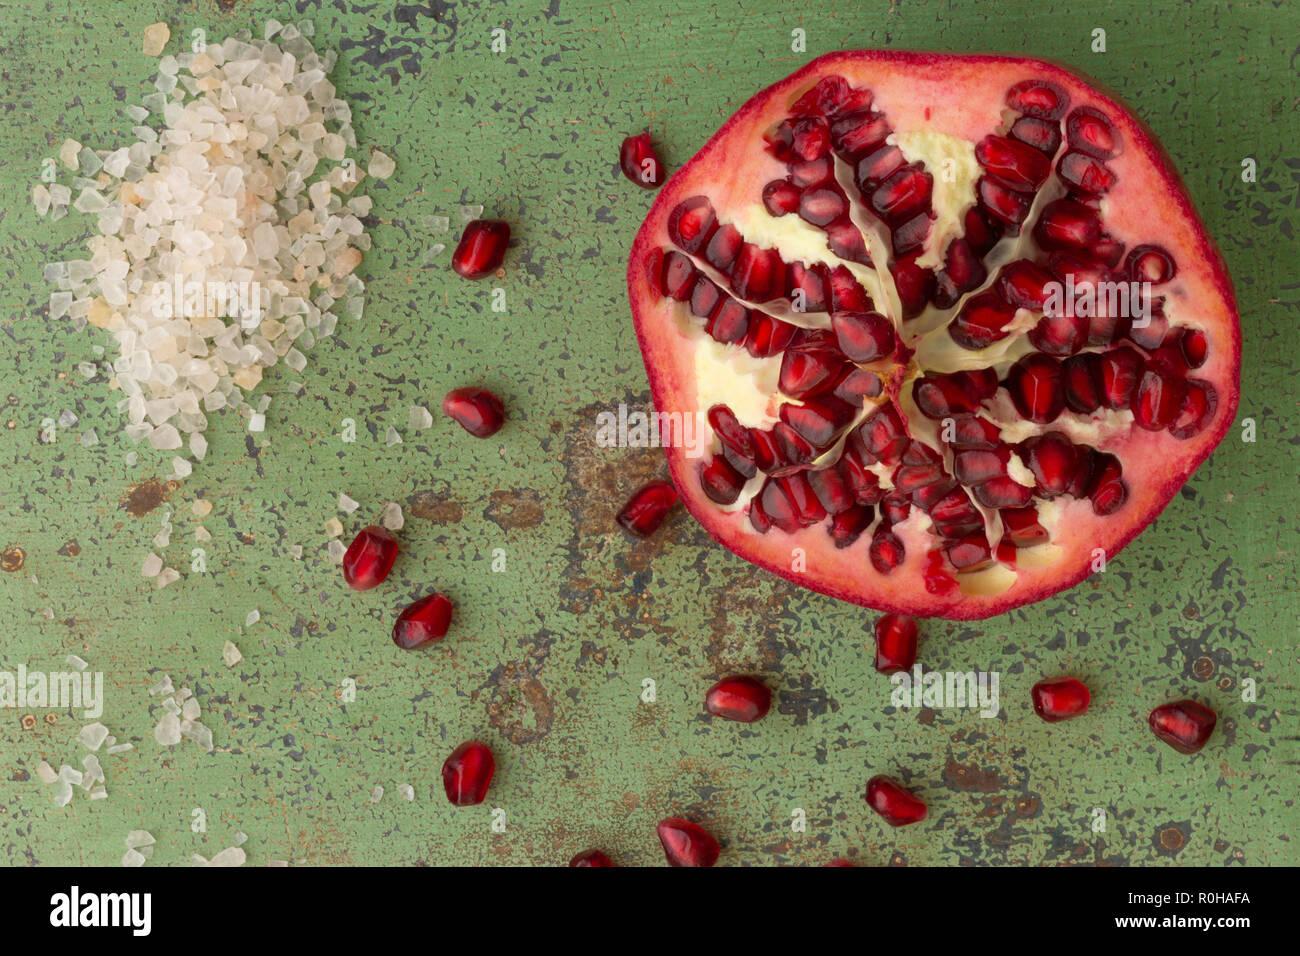 Frischer Granatapfel mit Salz auf röstigen Untergrund - Stock Image